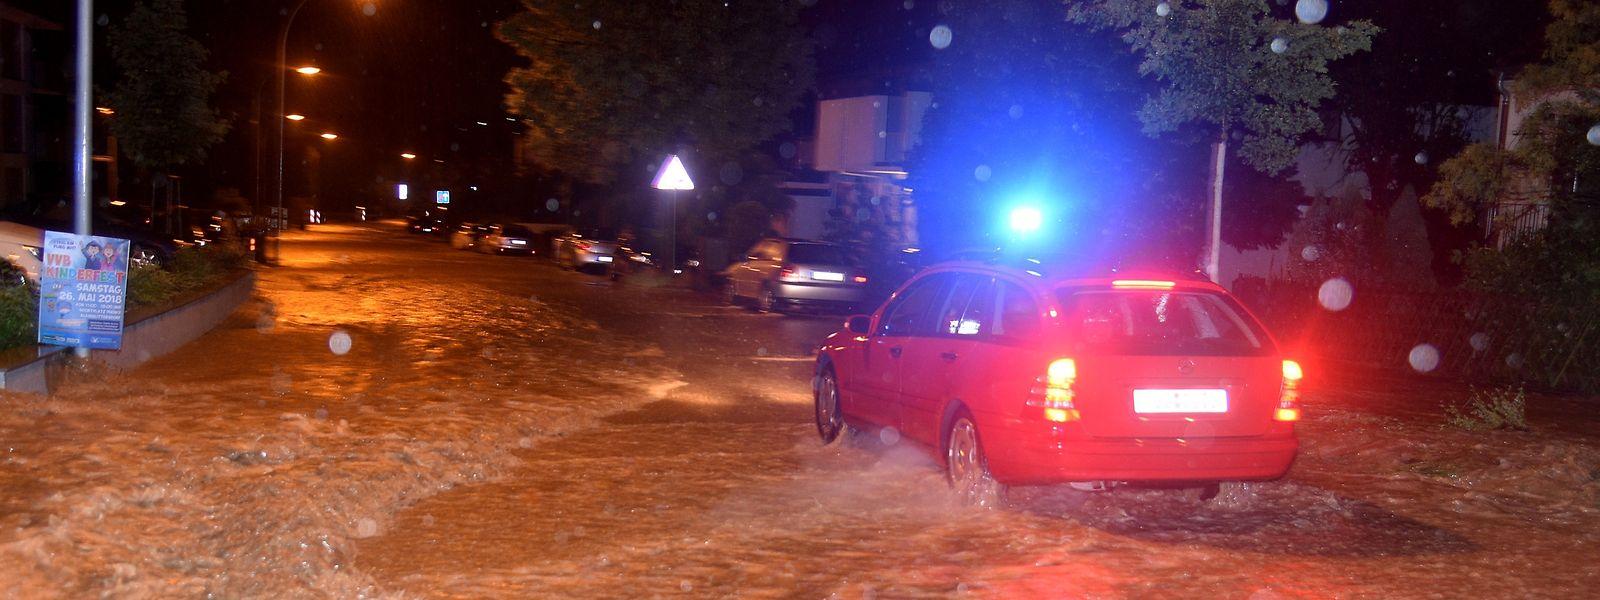 Ein heftiges Unwetter hat in der Nacht zum Freitag im Saarland und Rheinland-Pfalz gewütet und Straßen sowie Keller unter Wasser gesetzt.